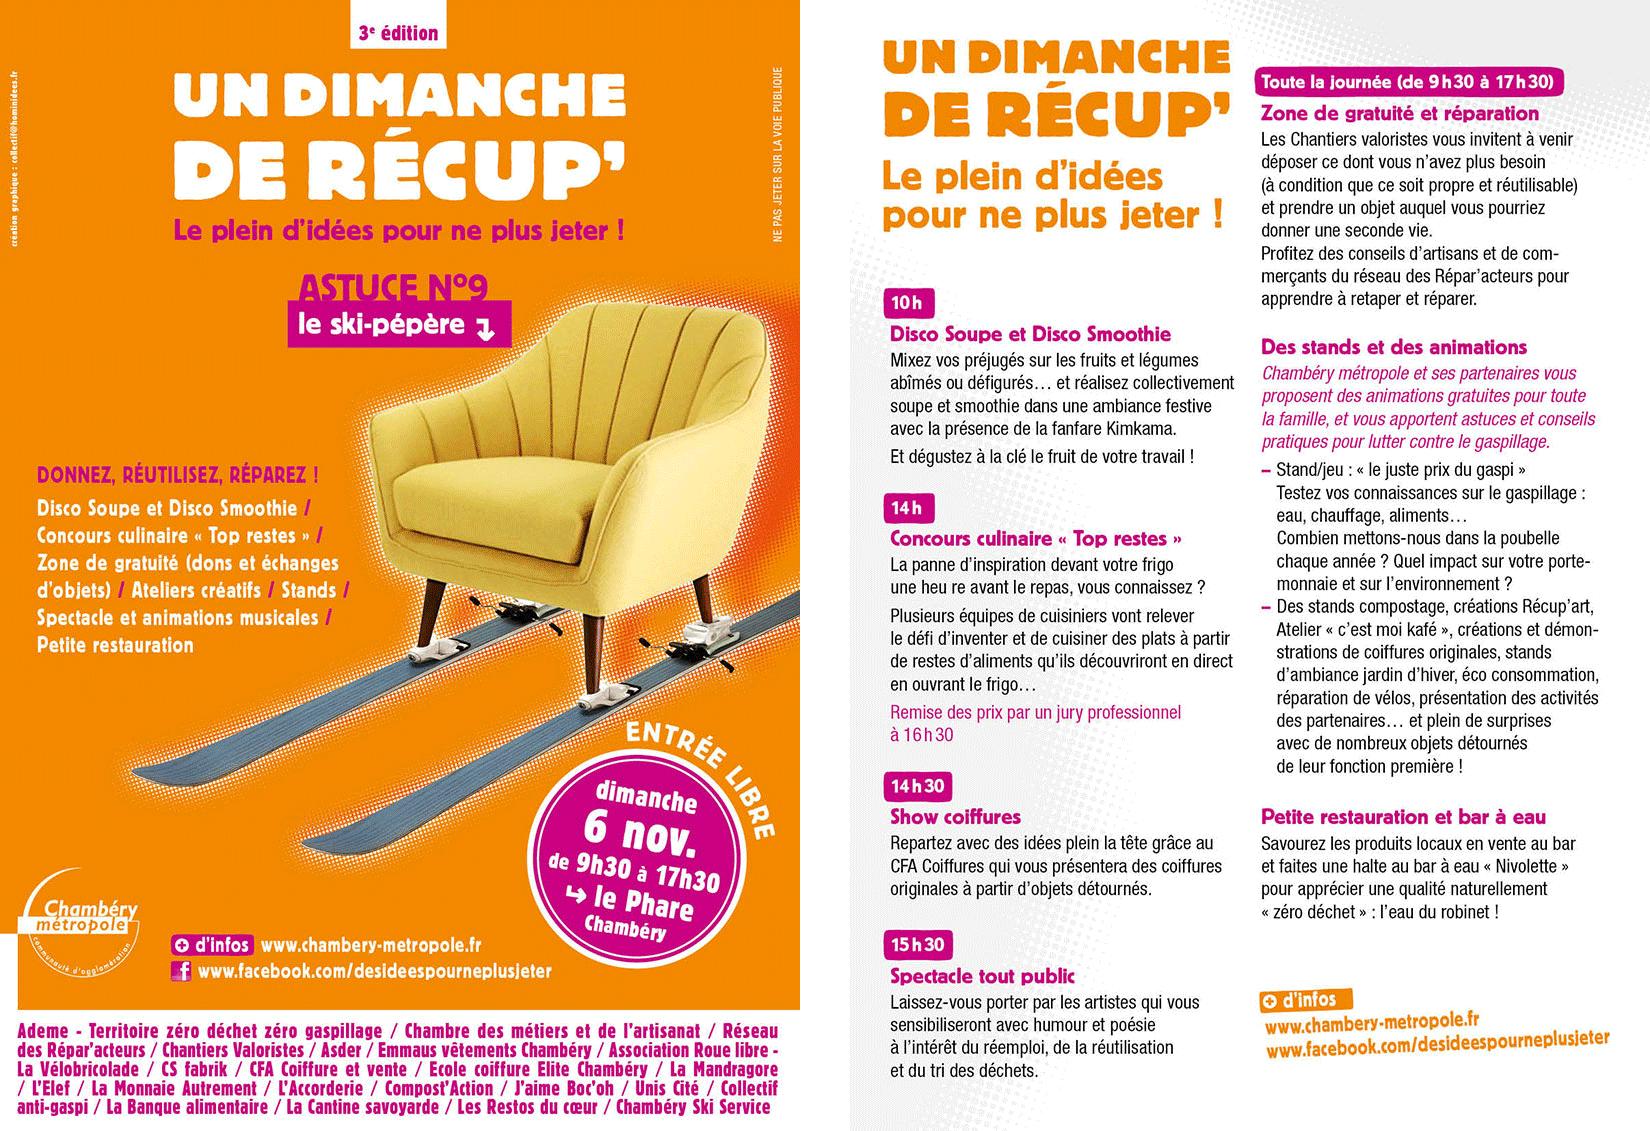 campagne Chambéry métropole dimanche de récupération programme